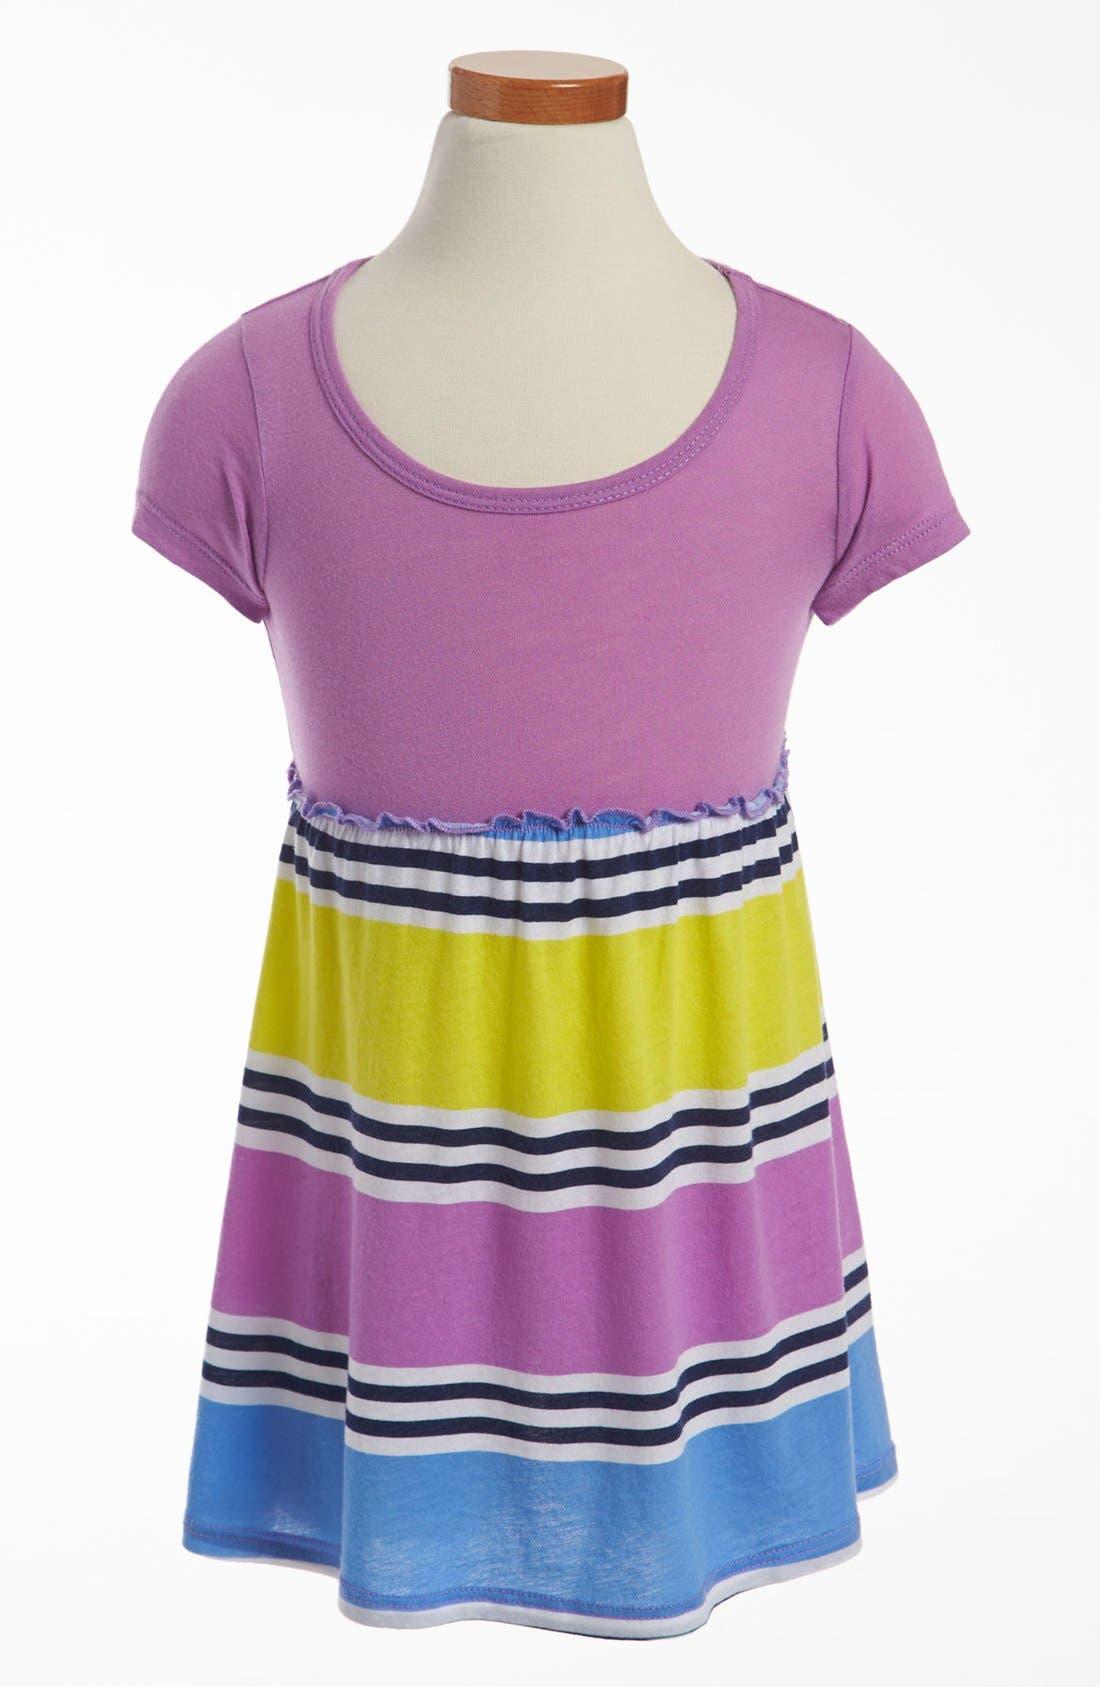 Alternate Image 1 Selected - Splendid 'Cabana Stripe' Dress (Toddler)